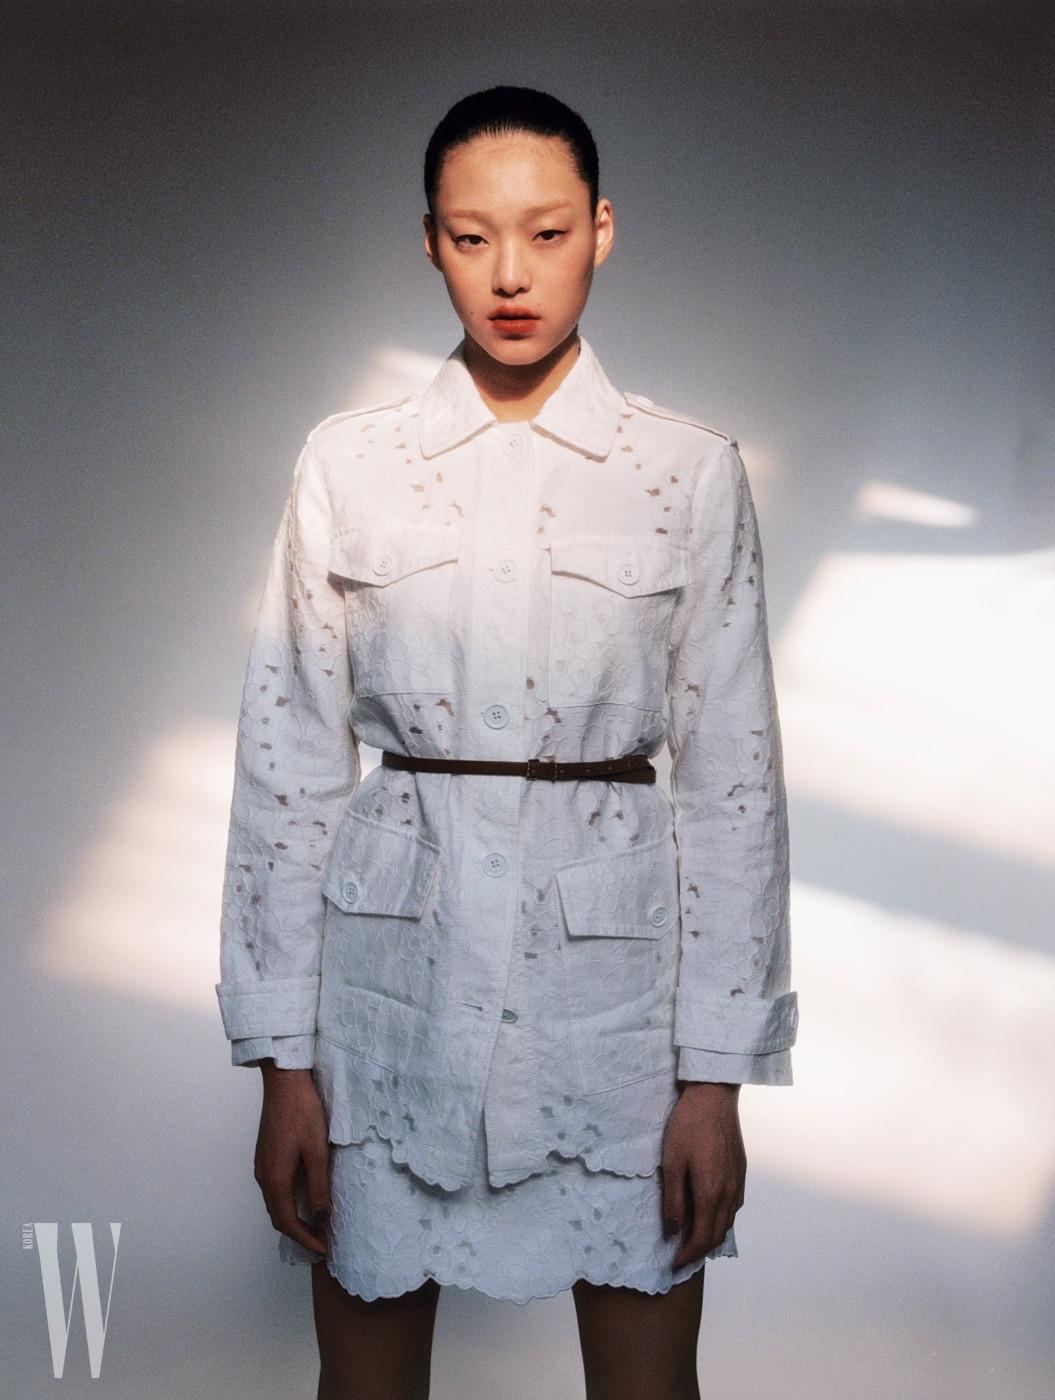 꽃무늬 아일릿 흰색 사파리 재킷 65만원, 스커트 35만원, 벨트 가격 미정, 모두 마이클 마이클 코어스 제품.